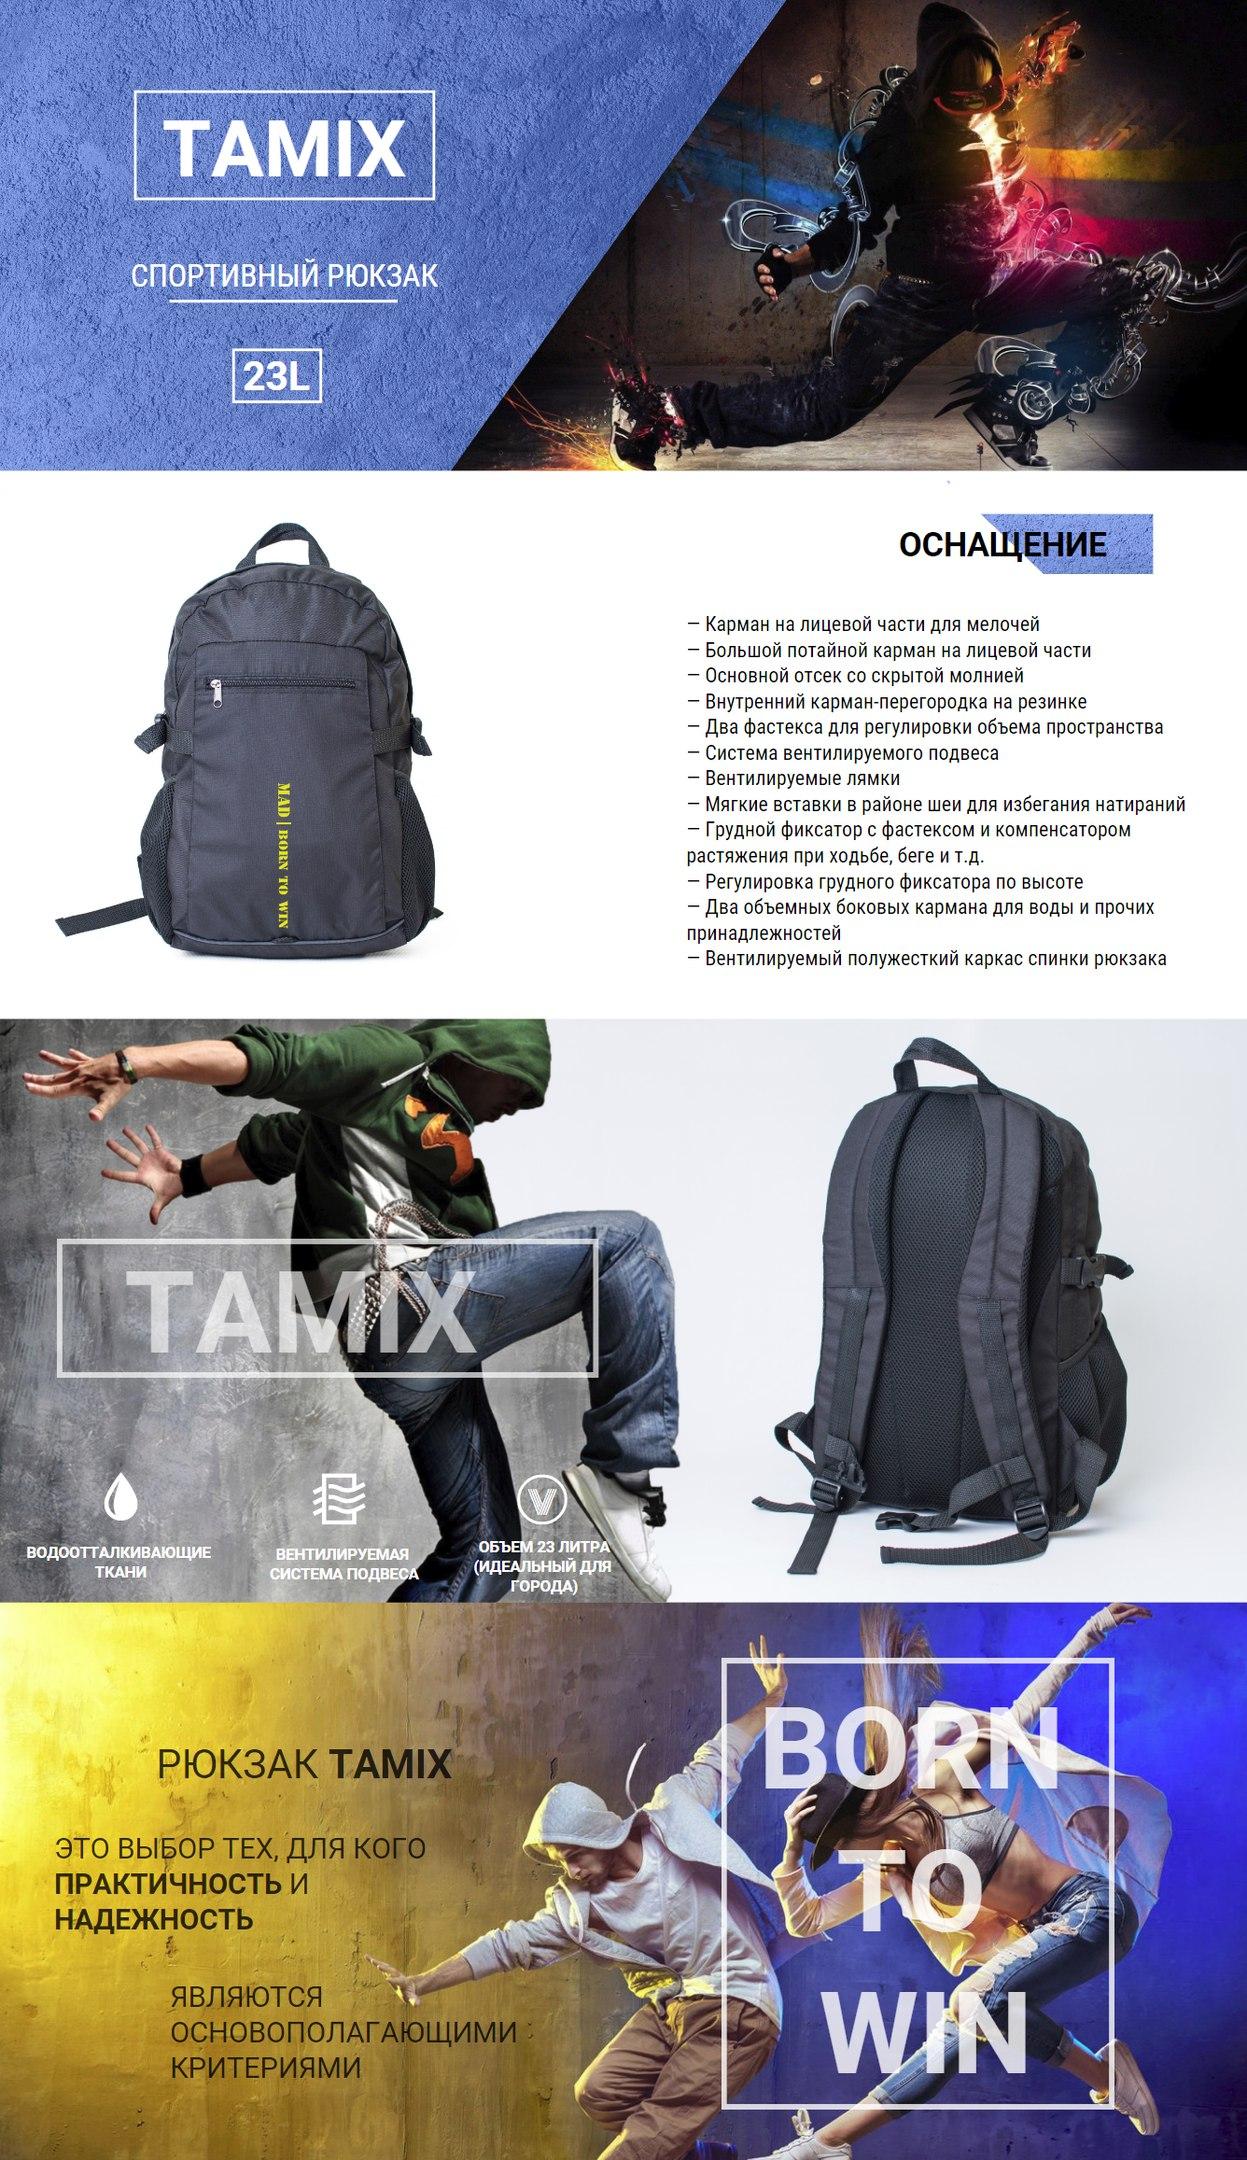 рюкзак мэд, рюкзаки мэд, рюкзак мад, городской рюкзак, спортивный рюкзак, mad, рюкзаки mad